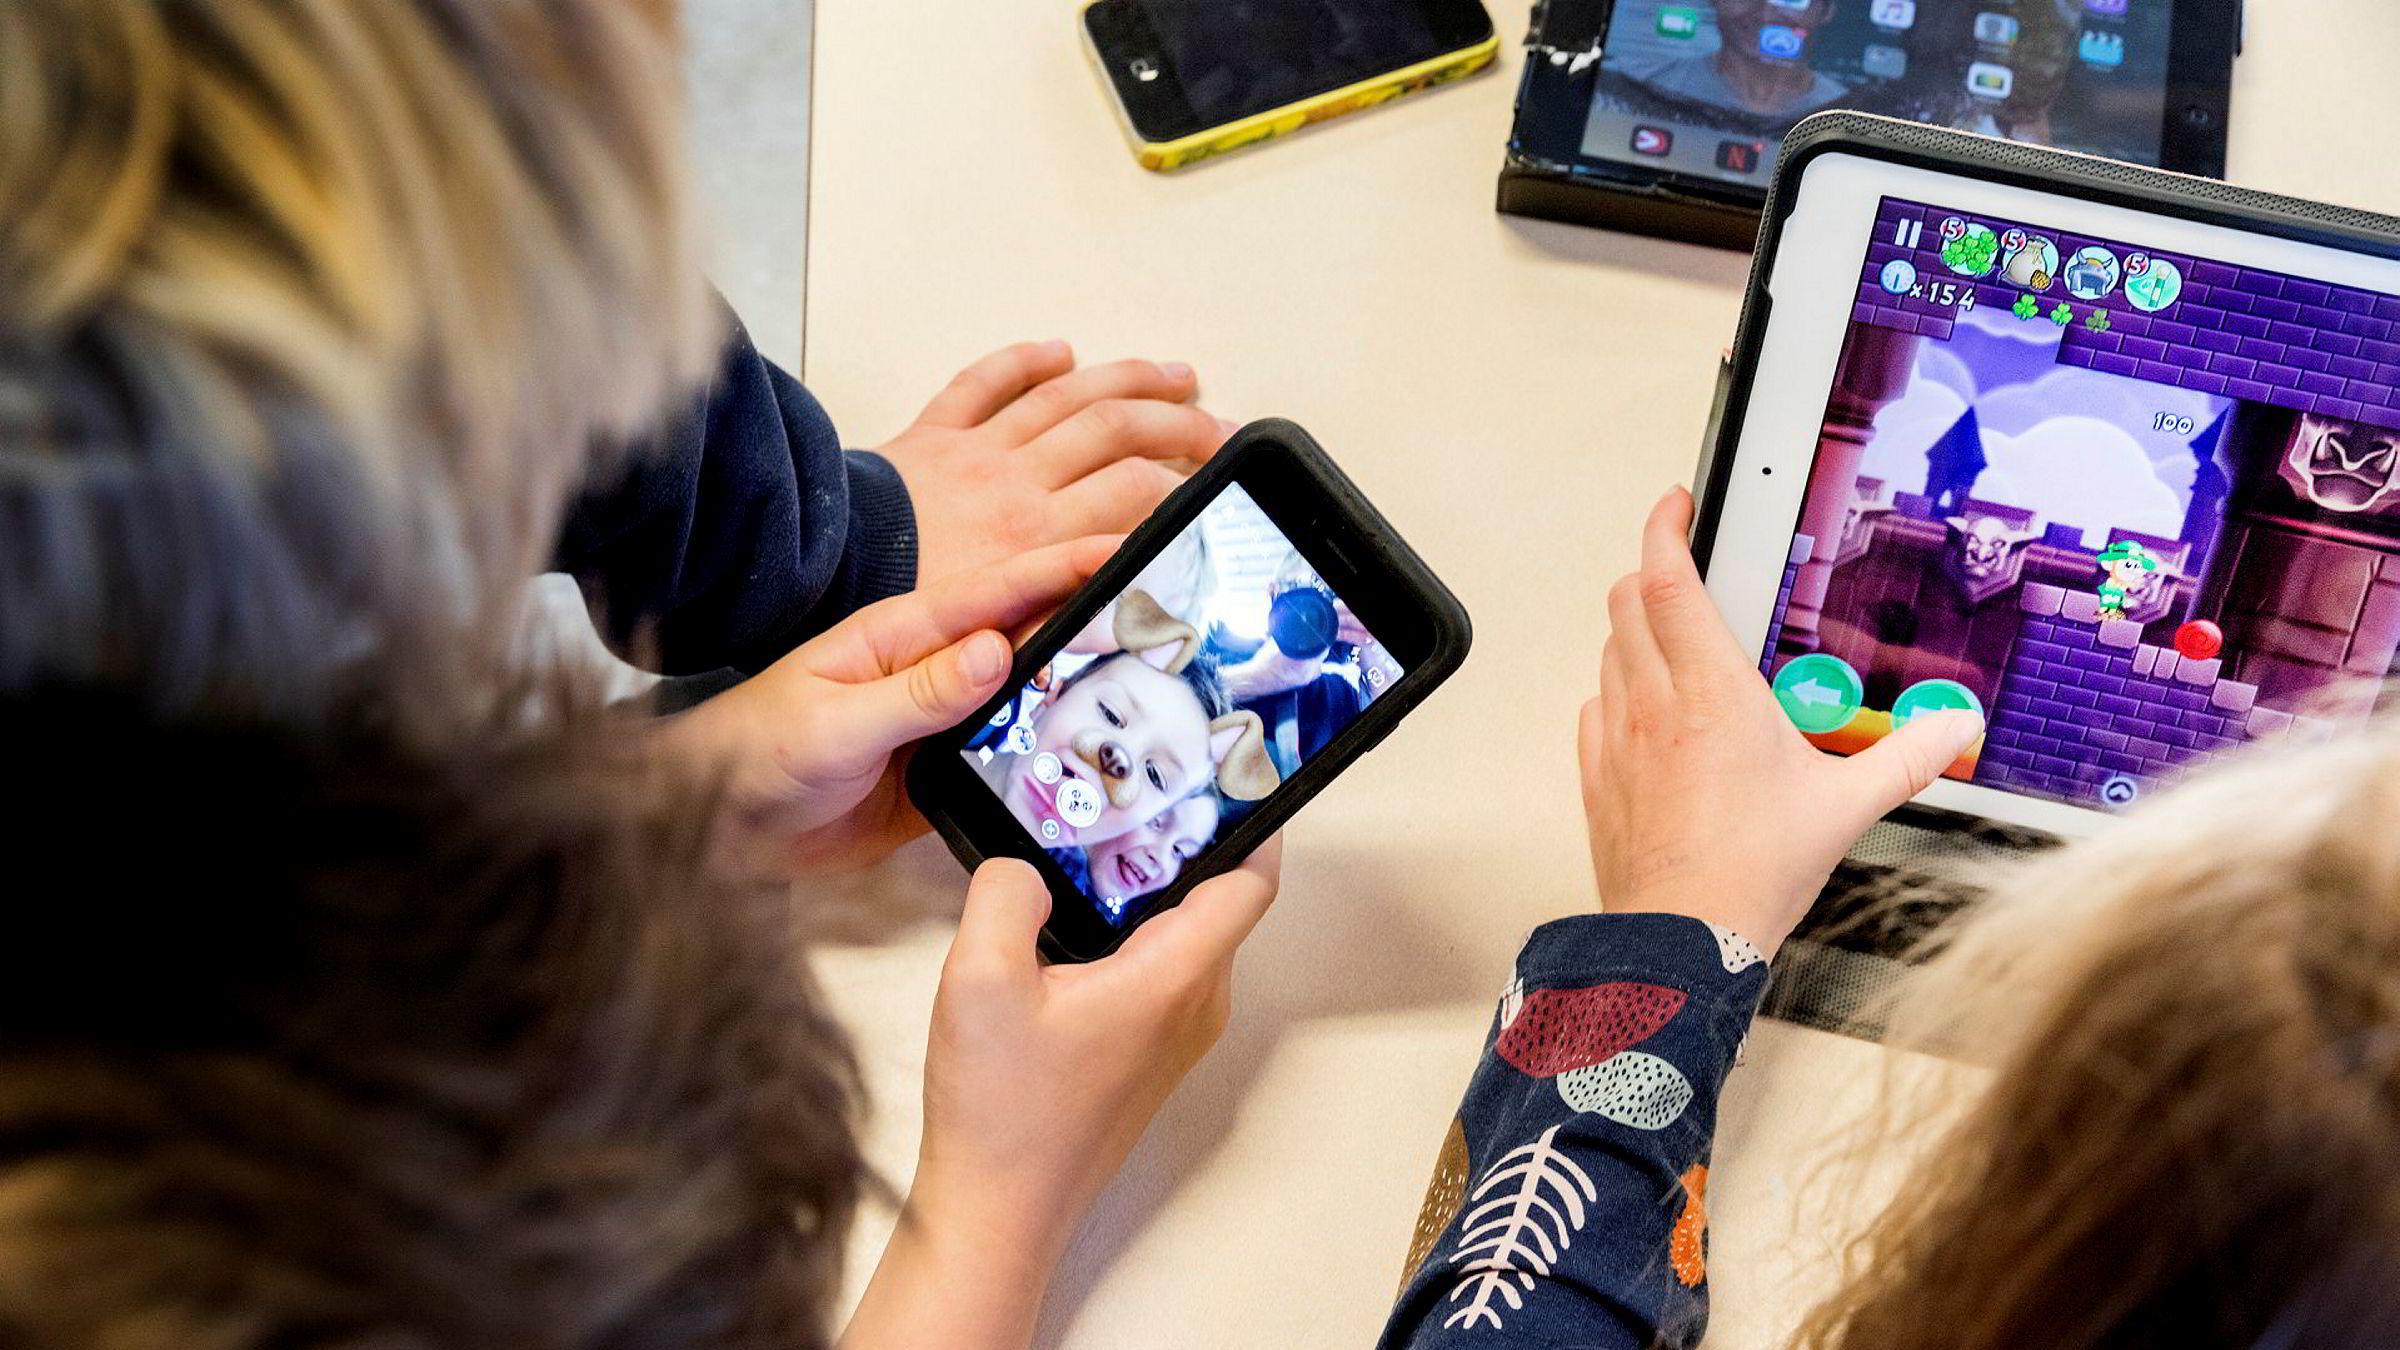 Neste alle barn har smarttelefon når de er ti år, viser en ny undersøkelse. Dette mener digitaliseringsminister Nikolai Astrup (H) er for tidlig og ber foreldre nekte barna smarttelefon.